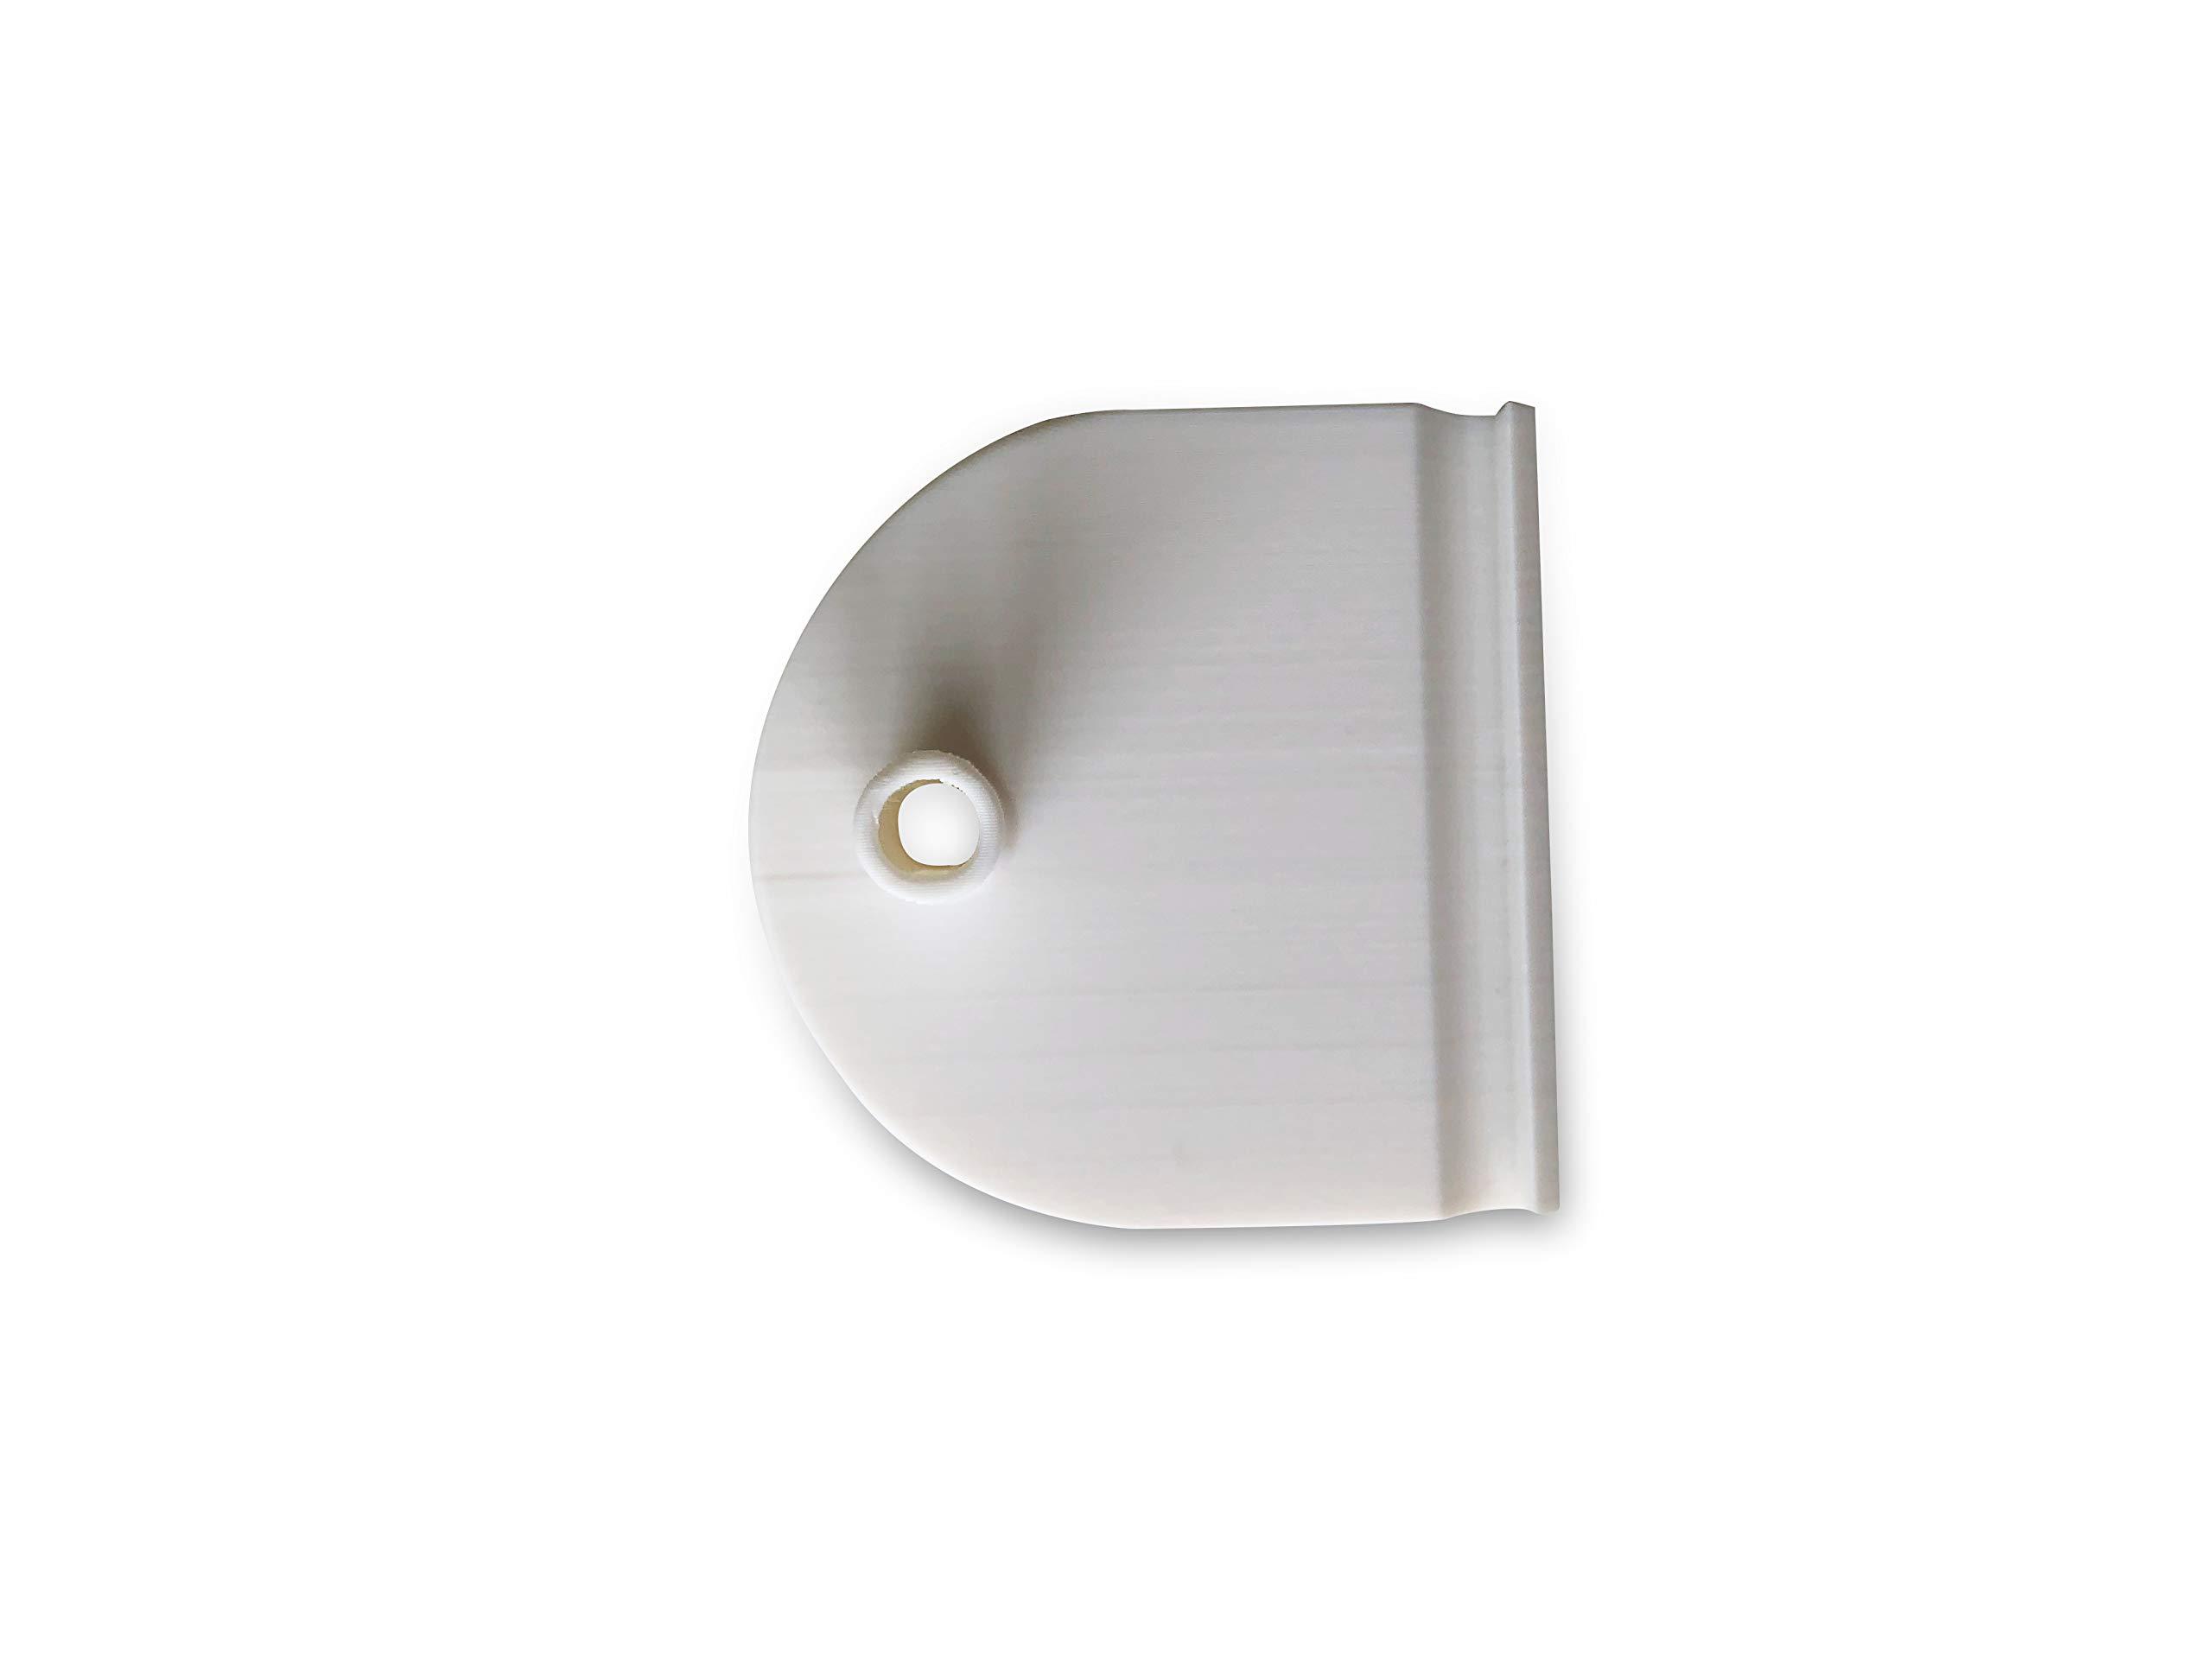 3dp 2X Inserto Superior de Puerta corredera - Pieza de Repuesto Compatible con IKEA Pax 124341: Amazon.es: Hogar